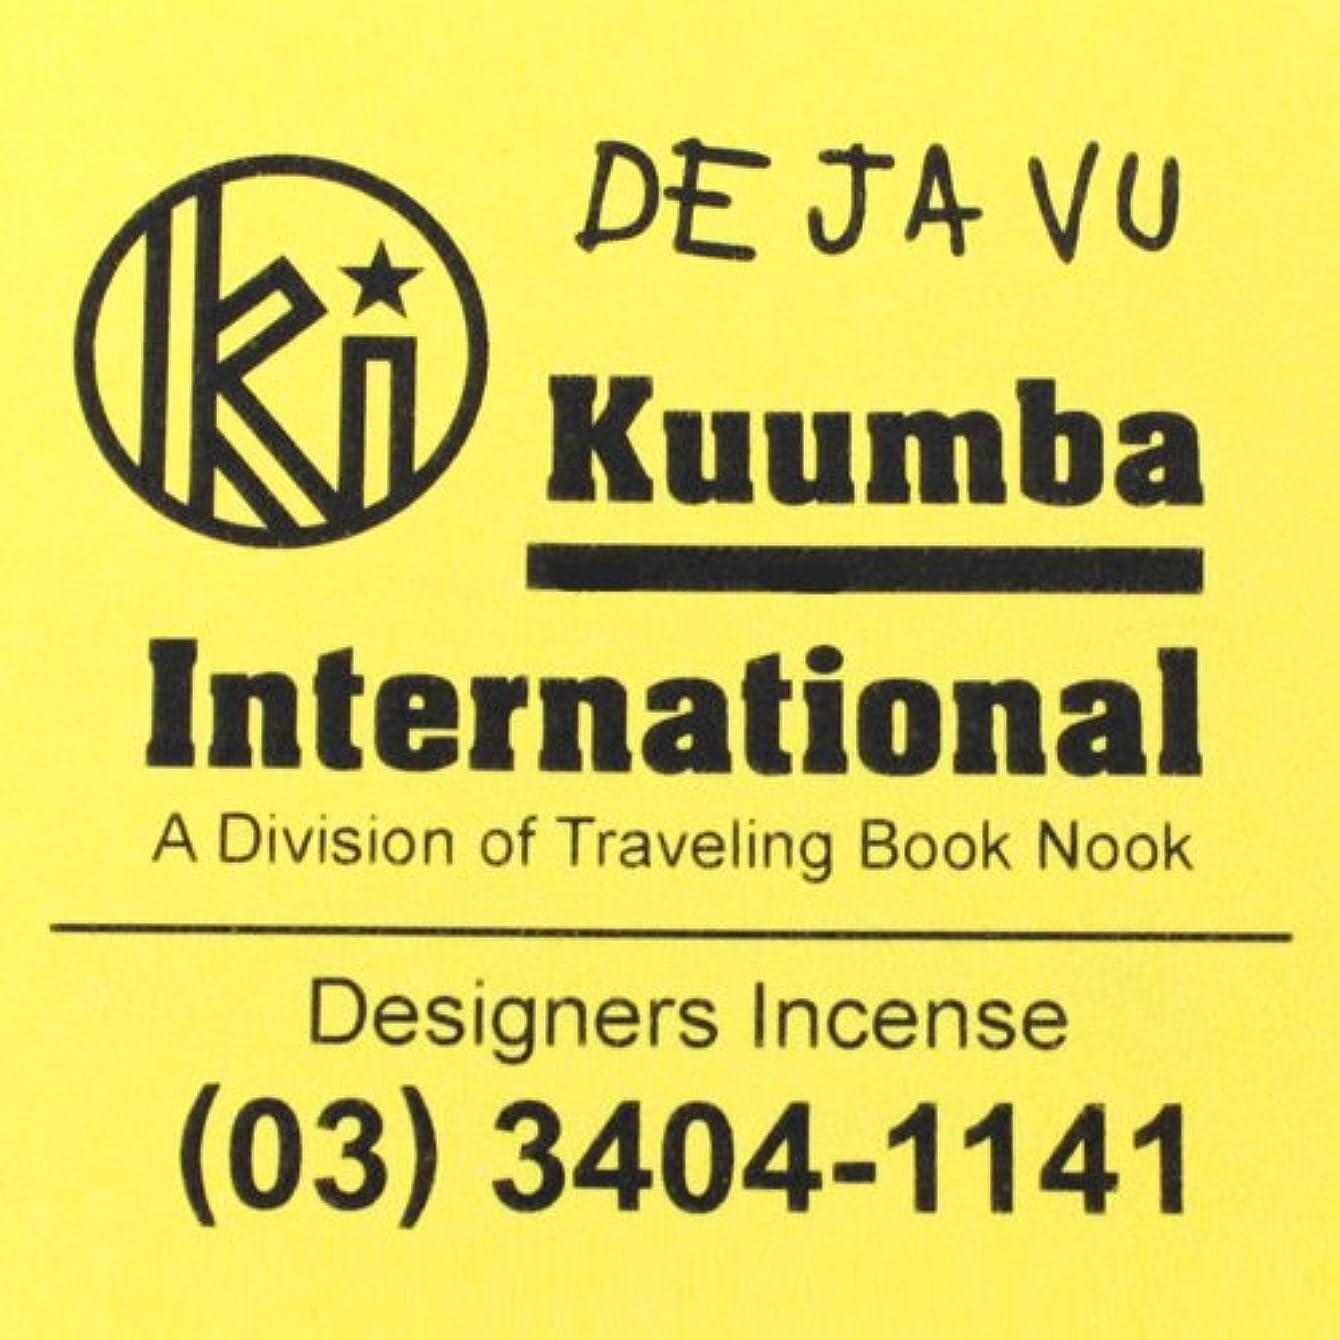 回転オセアニア否定するKUUMBA (クンバ)『incense』(DE JA VU) (Regular size)